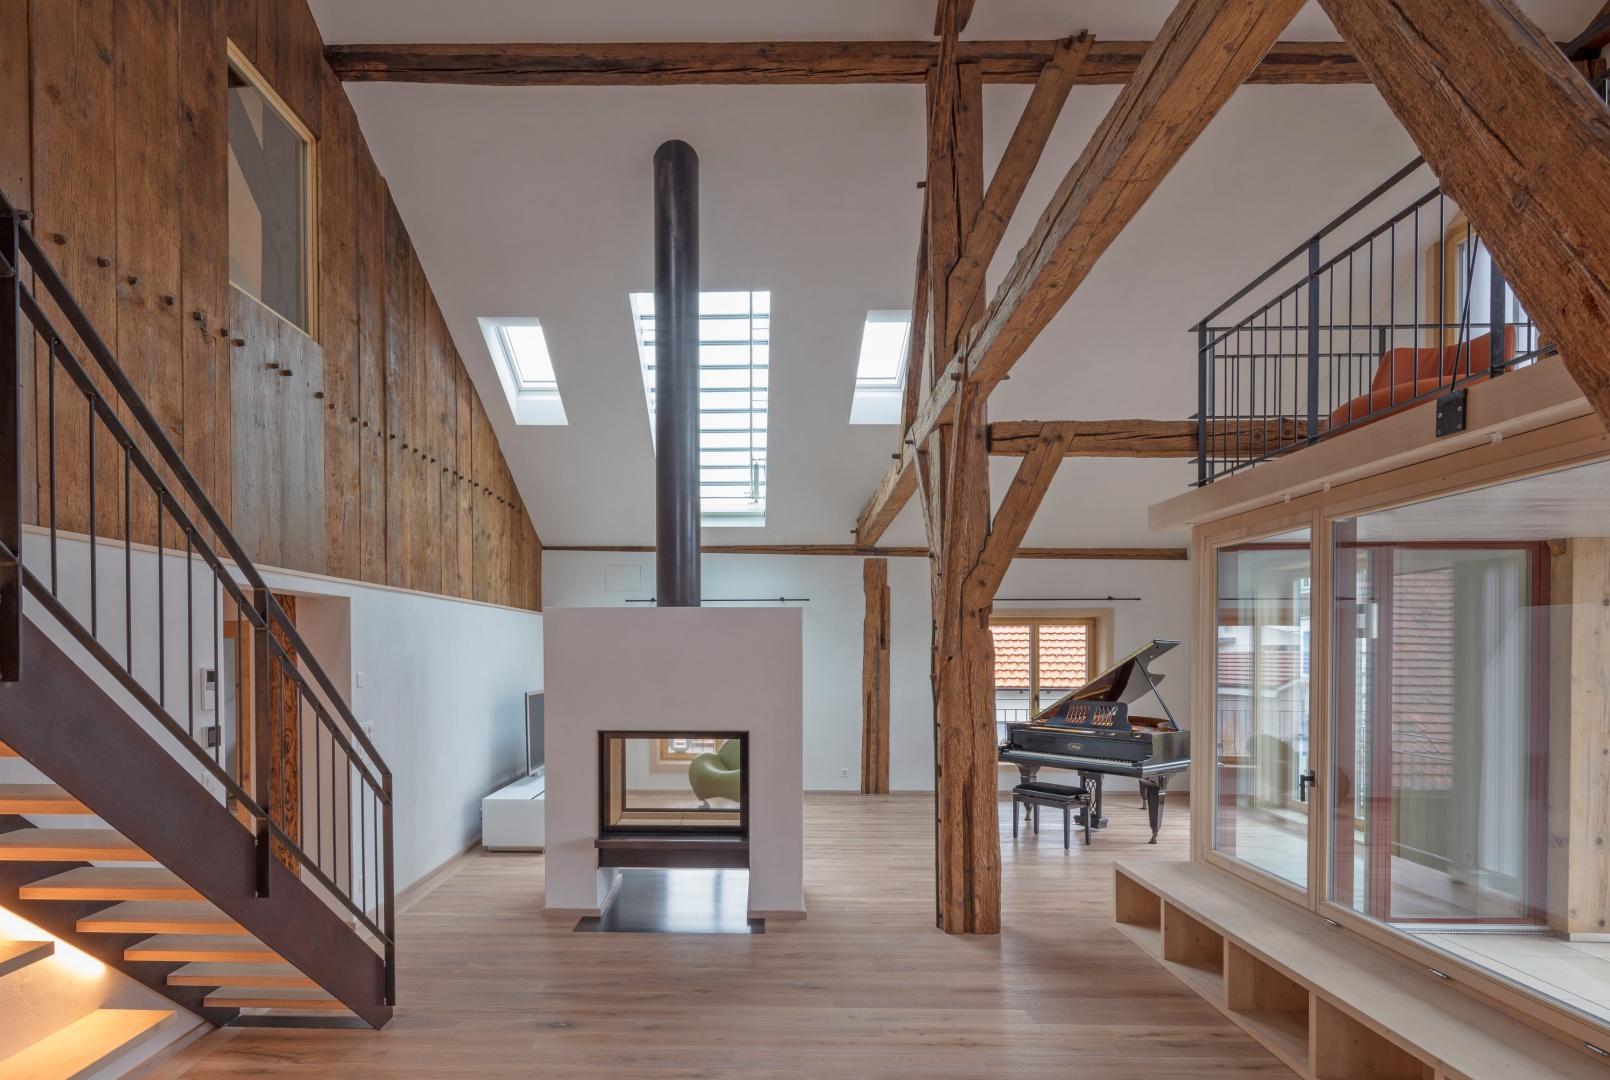 Umbau Bauernhaus und Scheune   Architekturprojekte ...